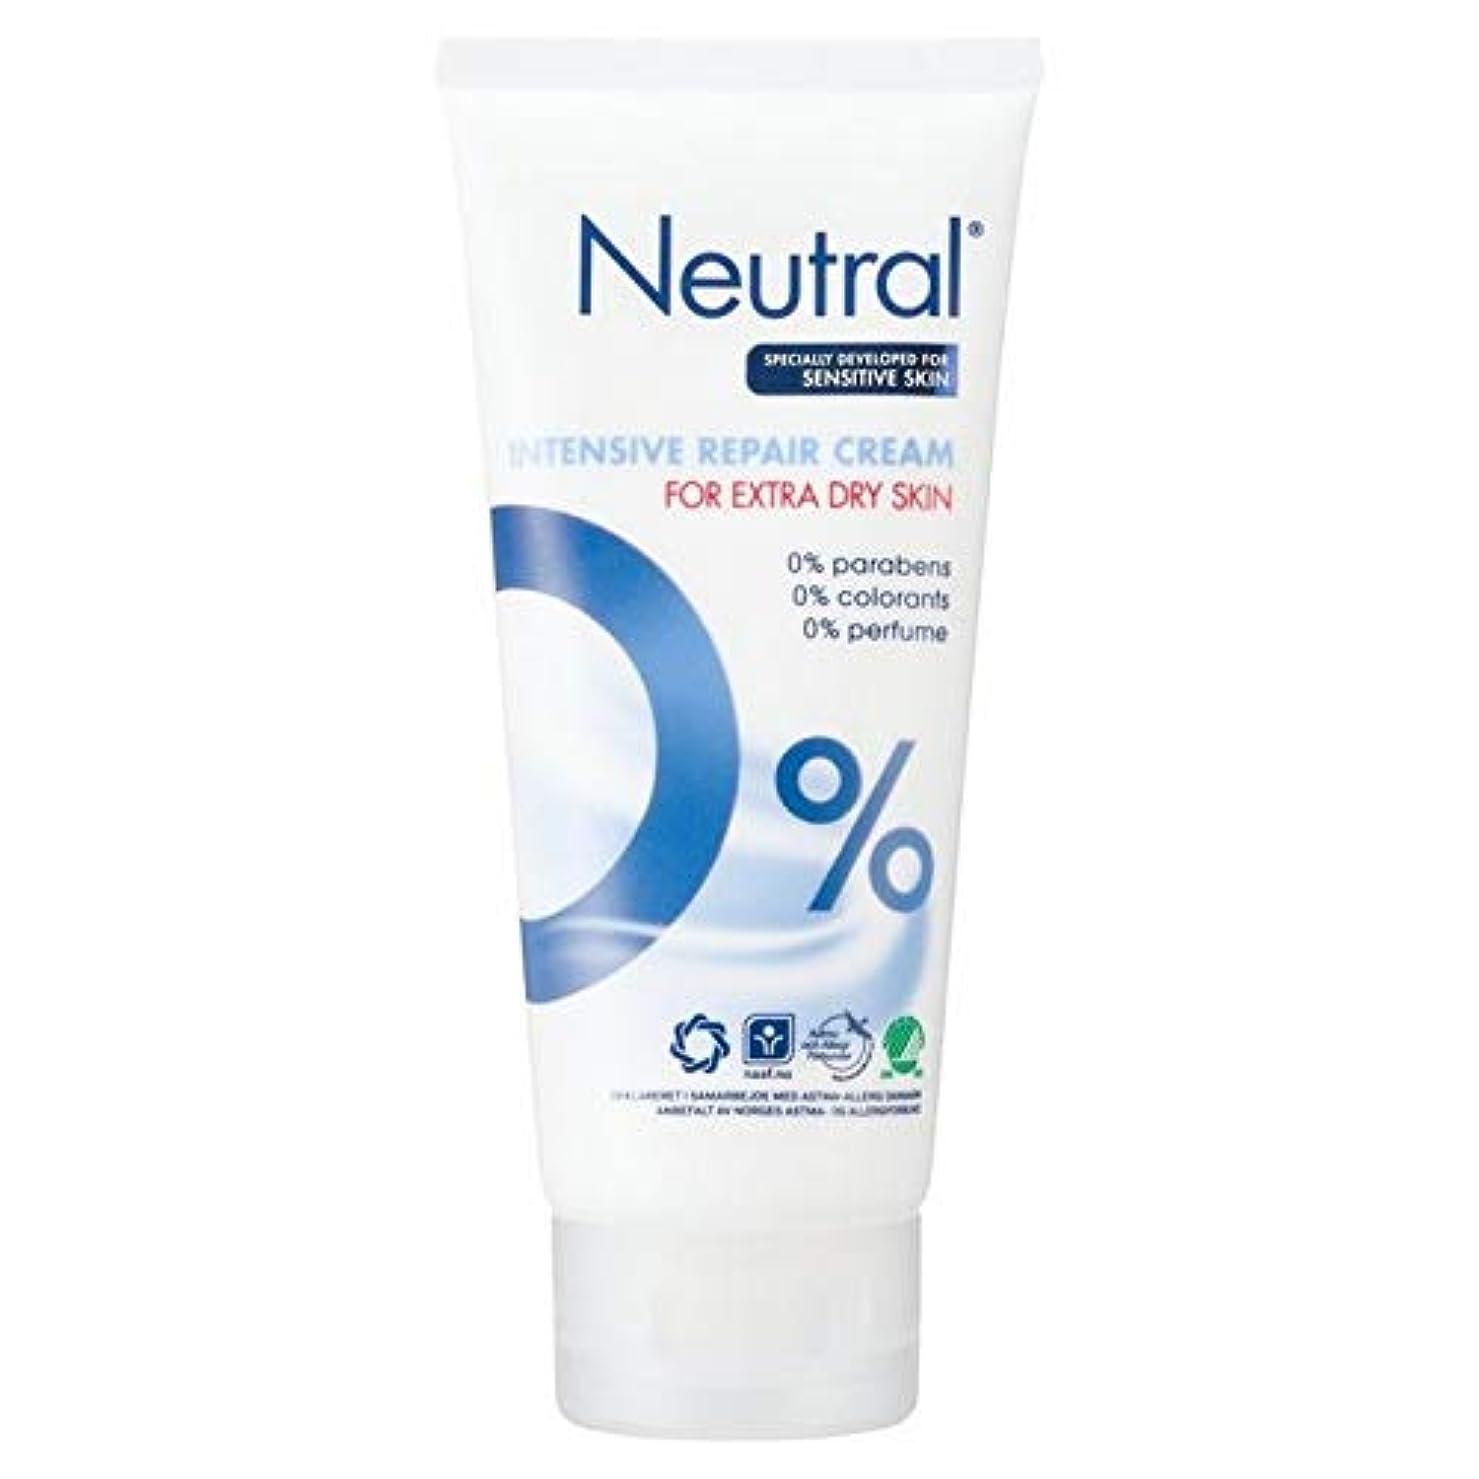 応じる物語接続詞[Neutral ] ニュートラル0%の集中リペアクリーム100ミリリットル - Neutral 0% Intensive Repair Cream 100ml [並行輸入品]